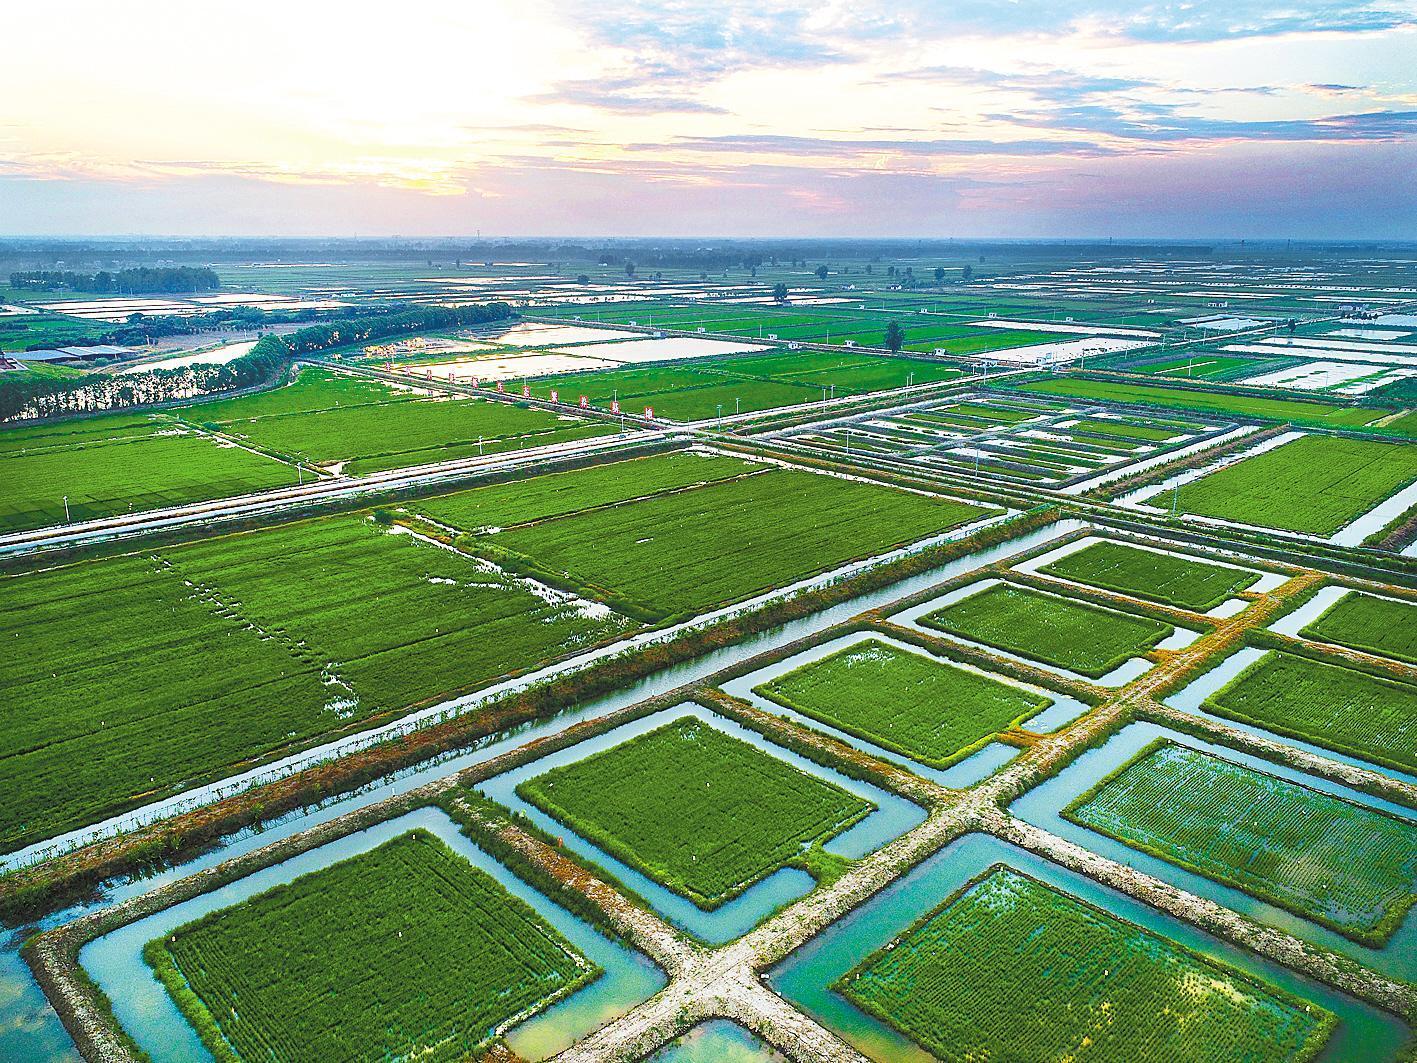 虾稻共作标准化生态种养基地。